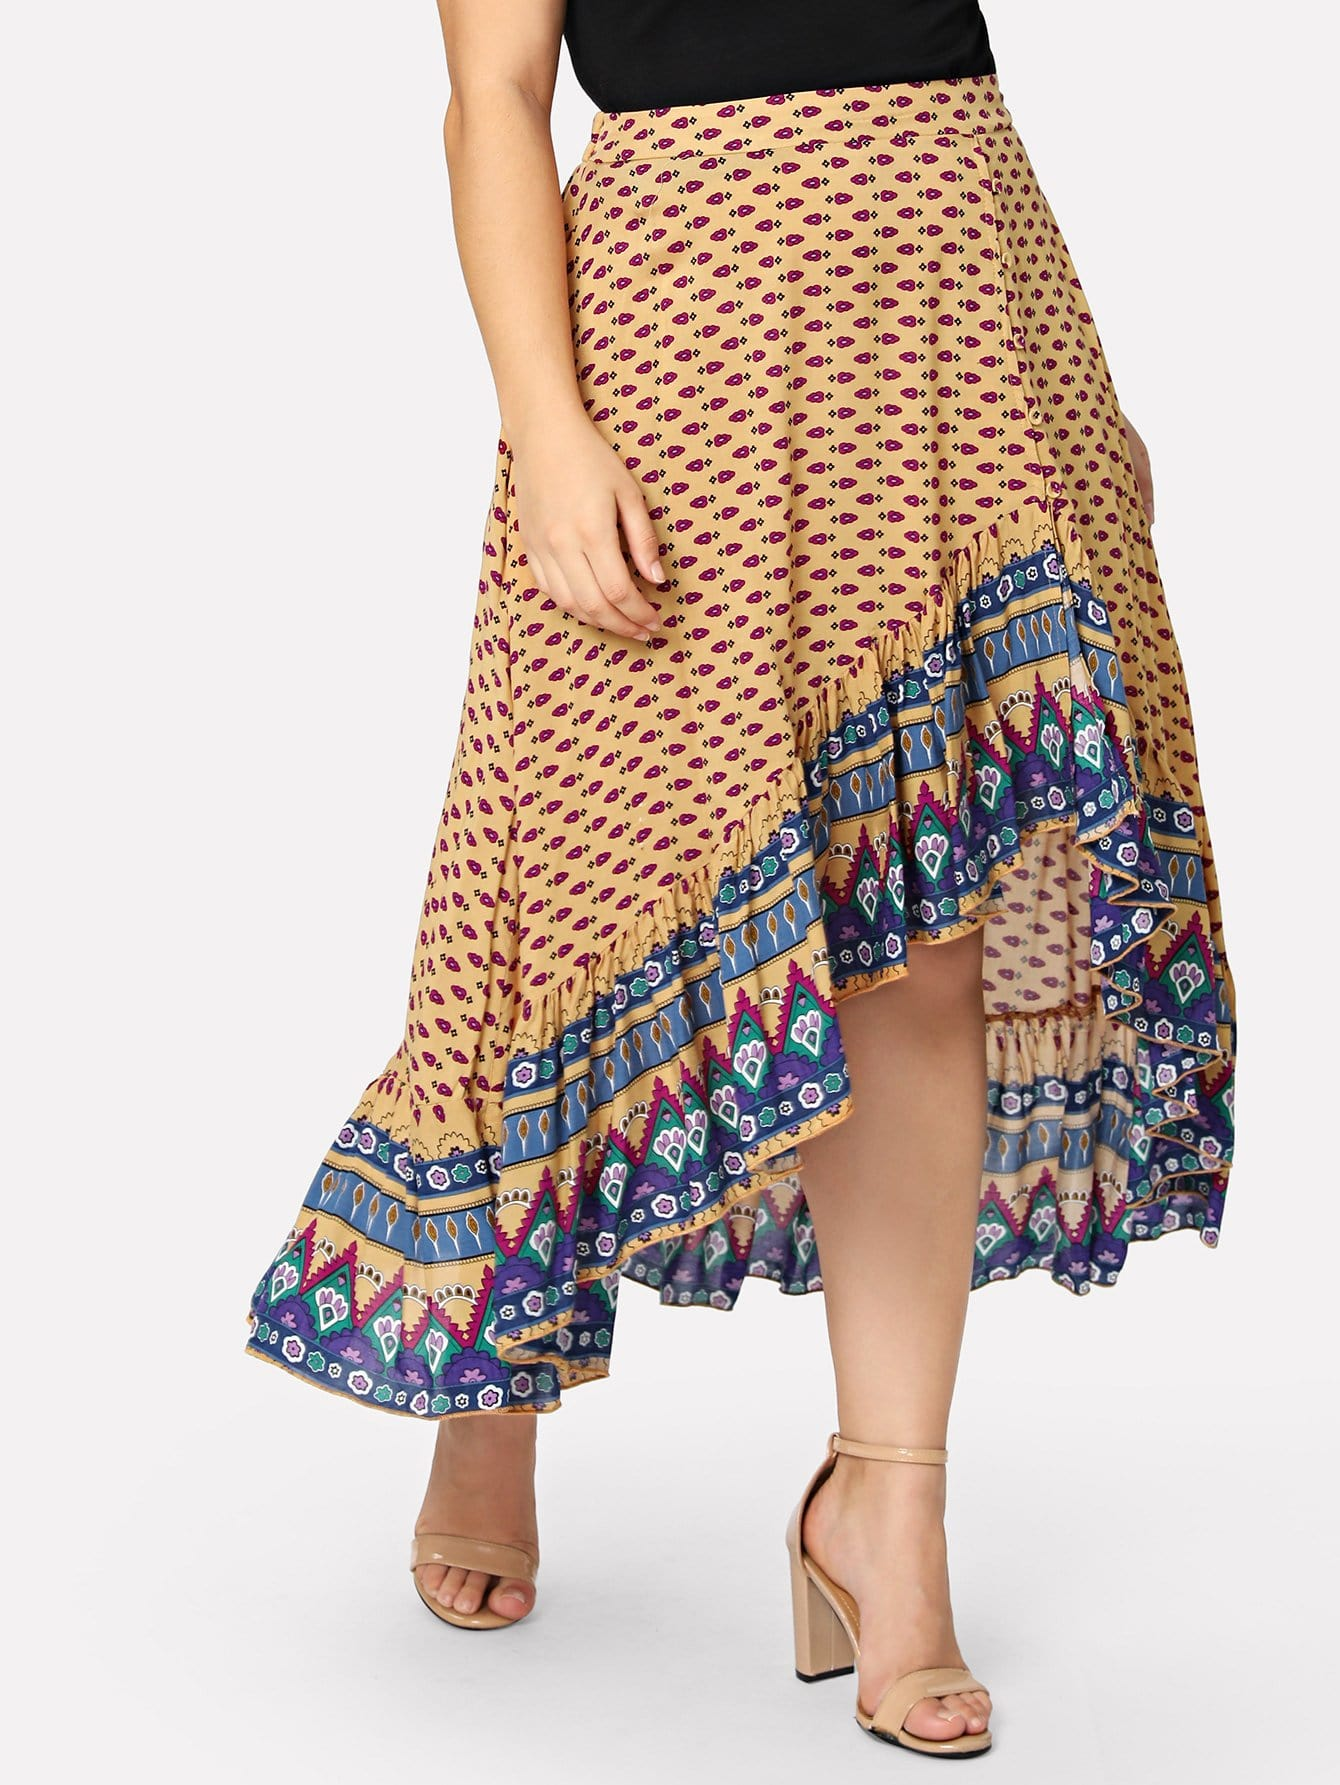 Купить Ассиметричная юбка с принтом племя, Carol, SheIn